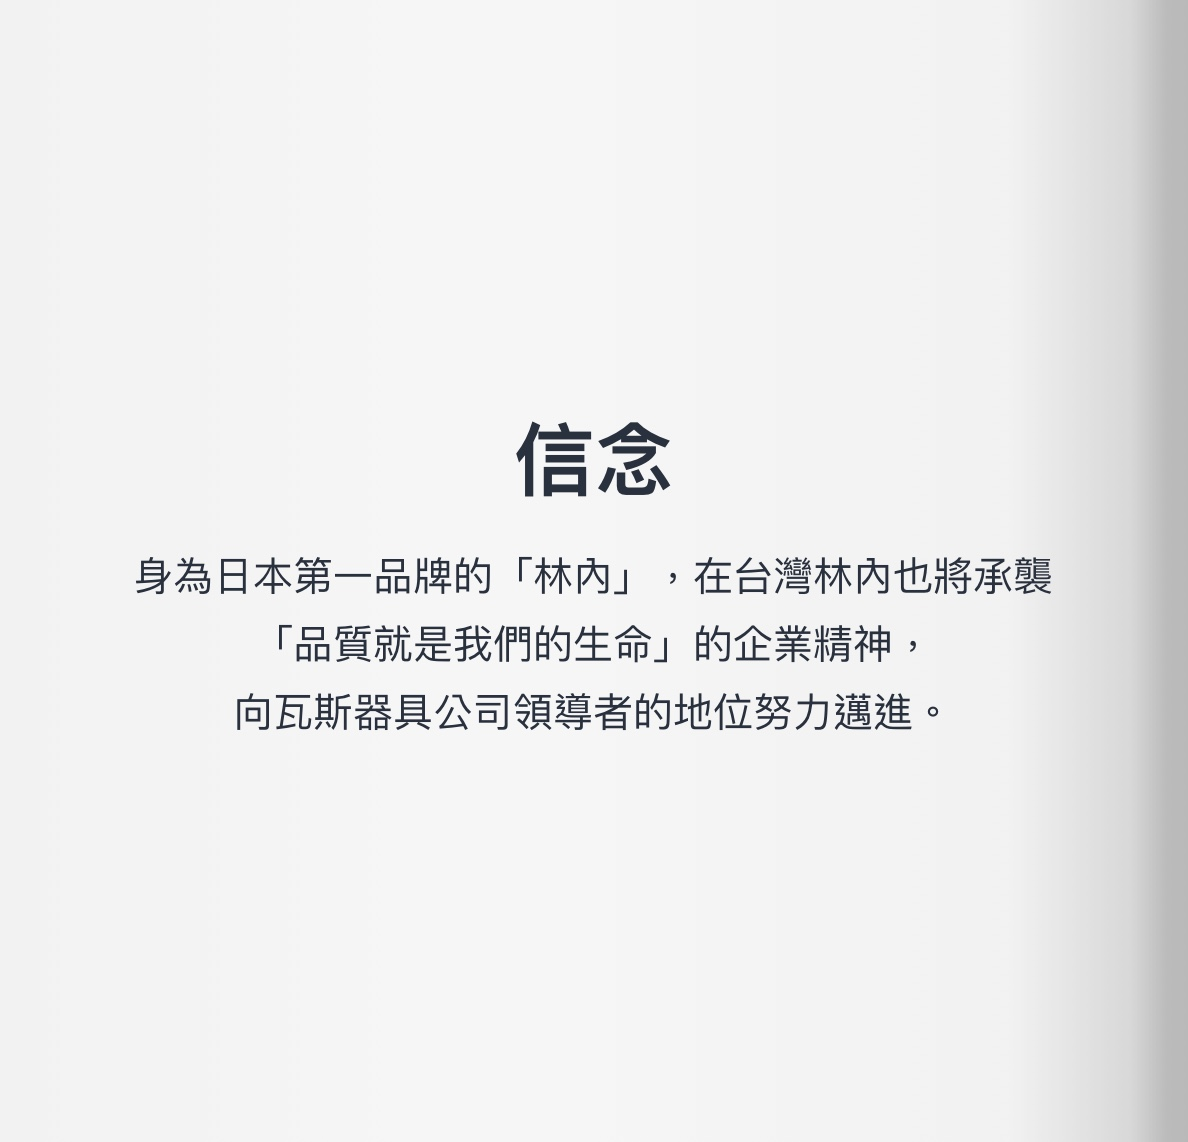 林內品牌故事